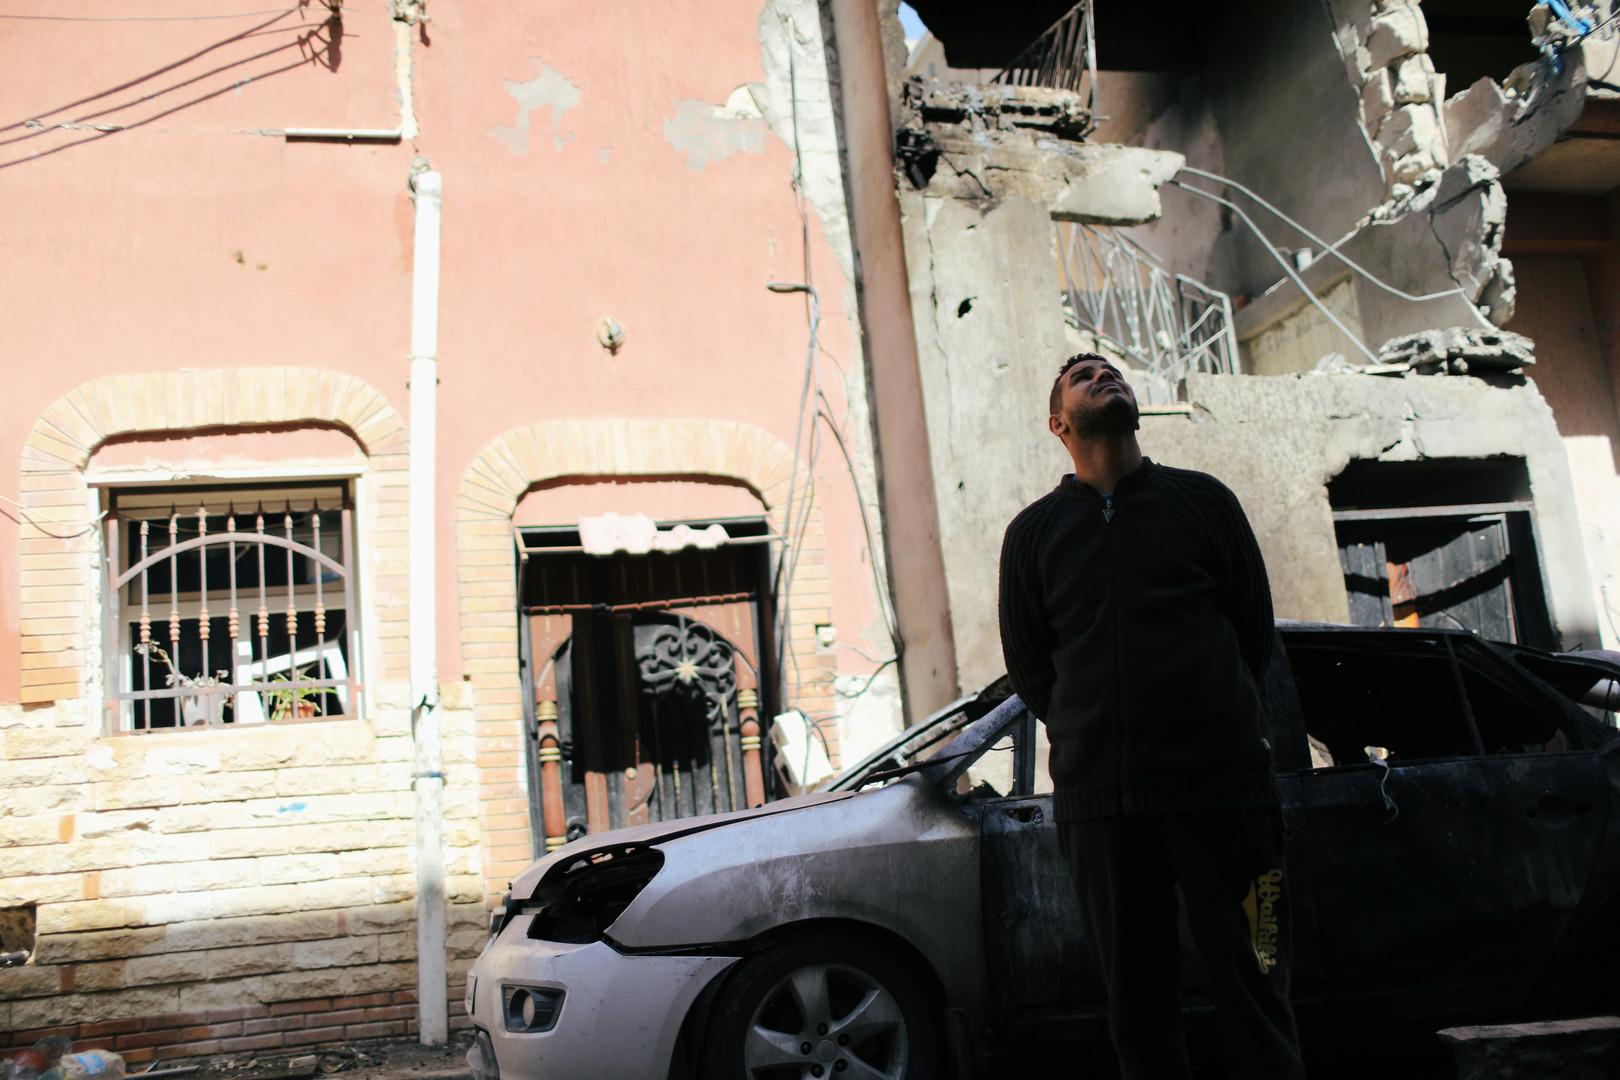 مانيلا تجلي مجموعة من مواطنيها من طرابلس بعد إصابة فلبيني بالقصف